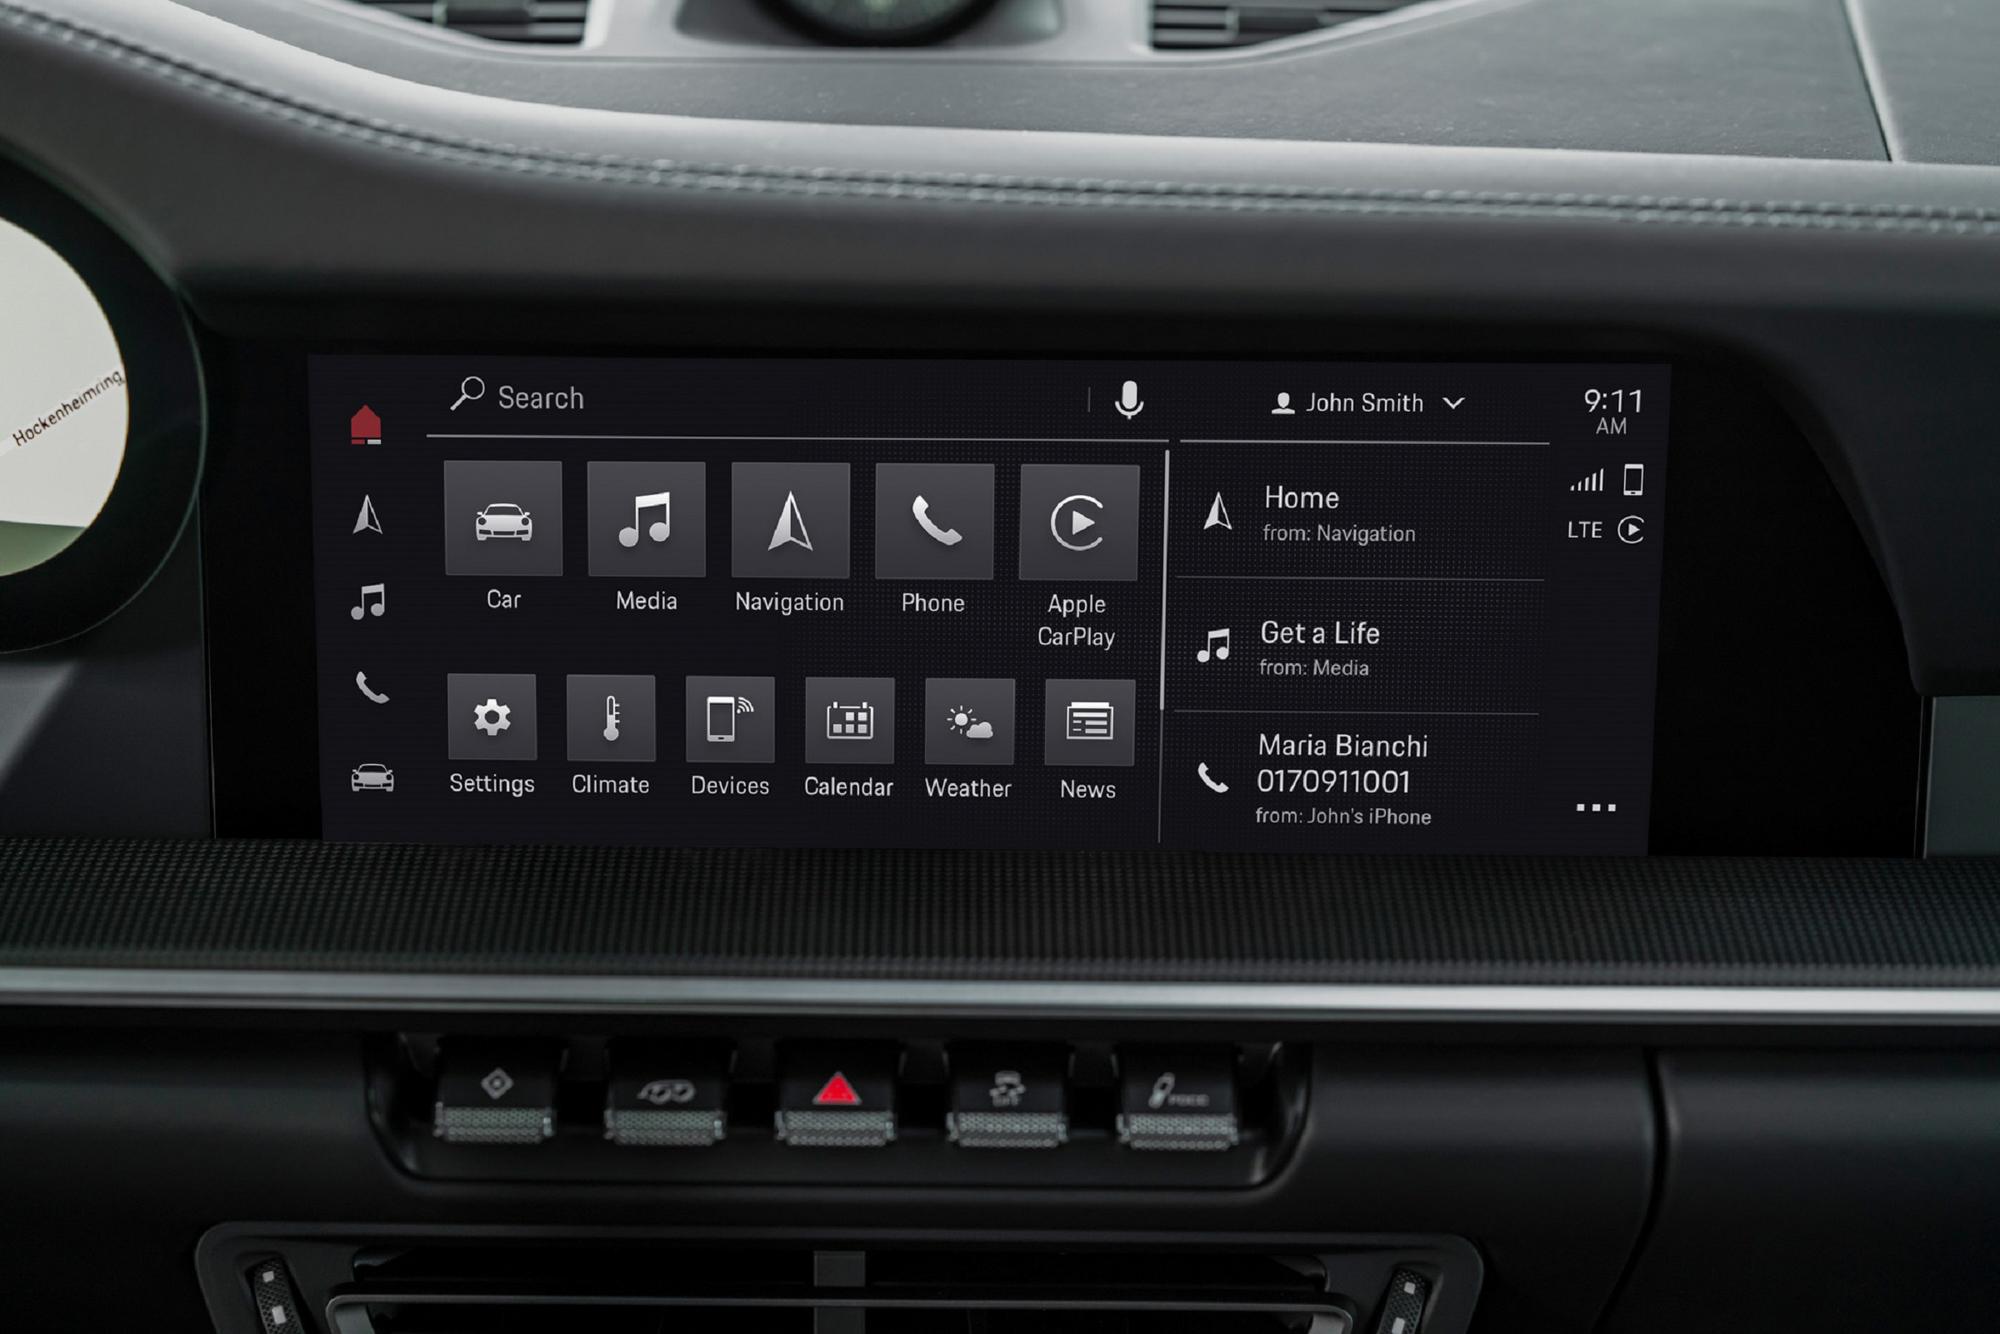 第六代保時捷通訊管理系統 (PCM)將於今年夏季將正式搭載於 911、Cayenne 及Panamera 車系。